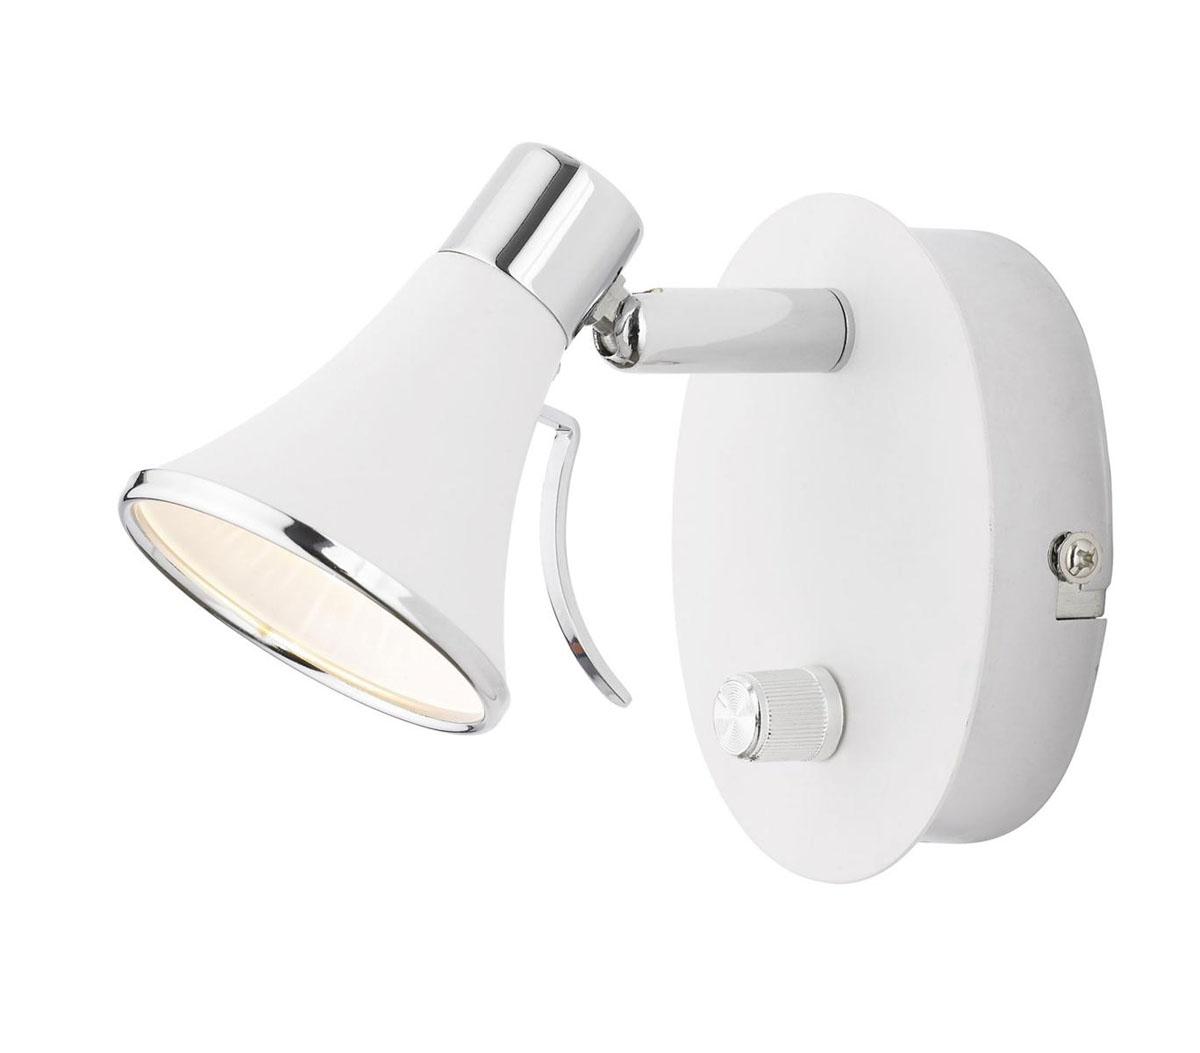 Светильник настенный LampGustaf Boston, цвет: белый. 081802